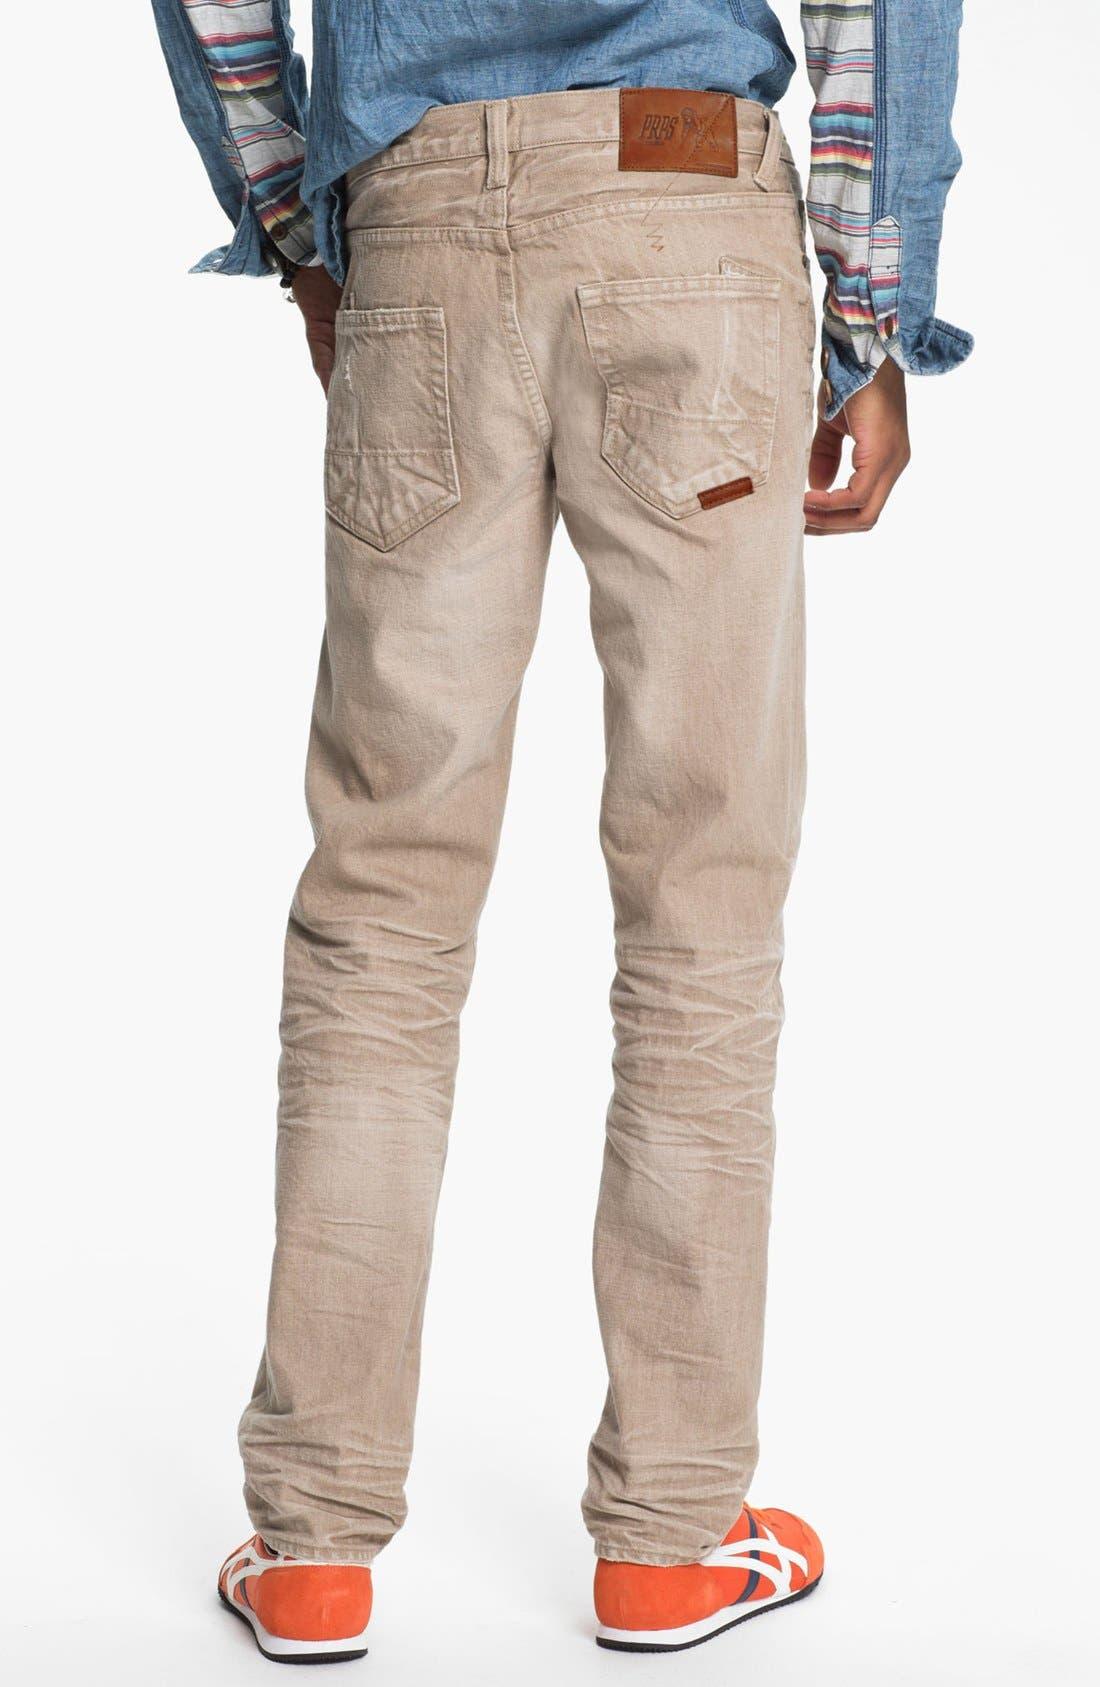 Alternate Image 1 Selected - PRPS 'Vesta Rambler' Slim Fit Jeans (Beige)